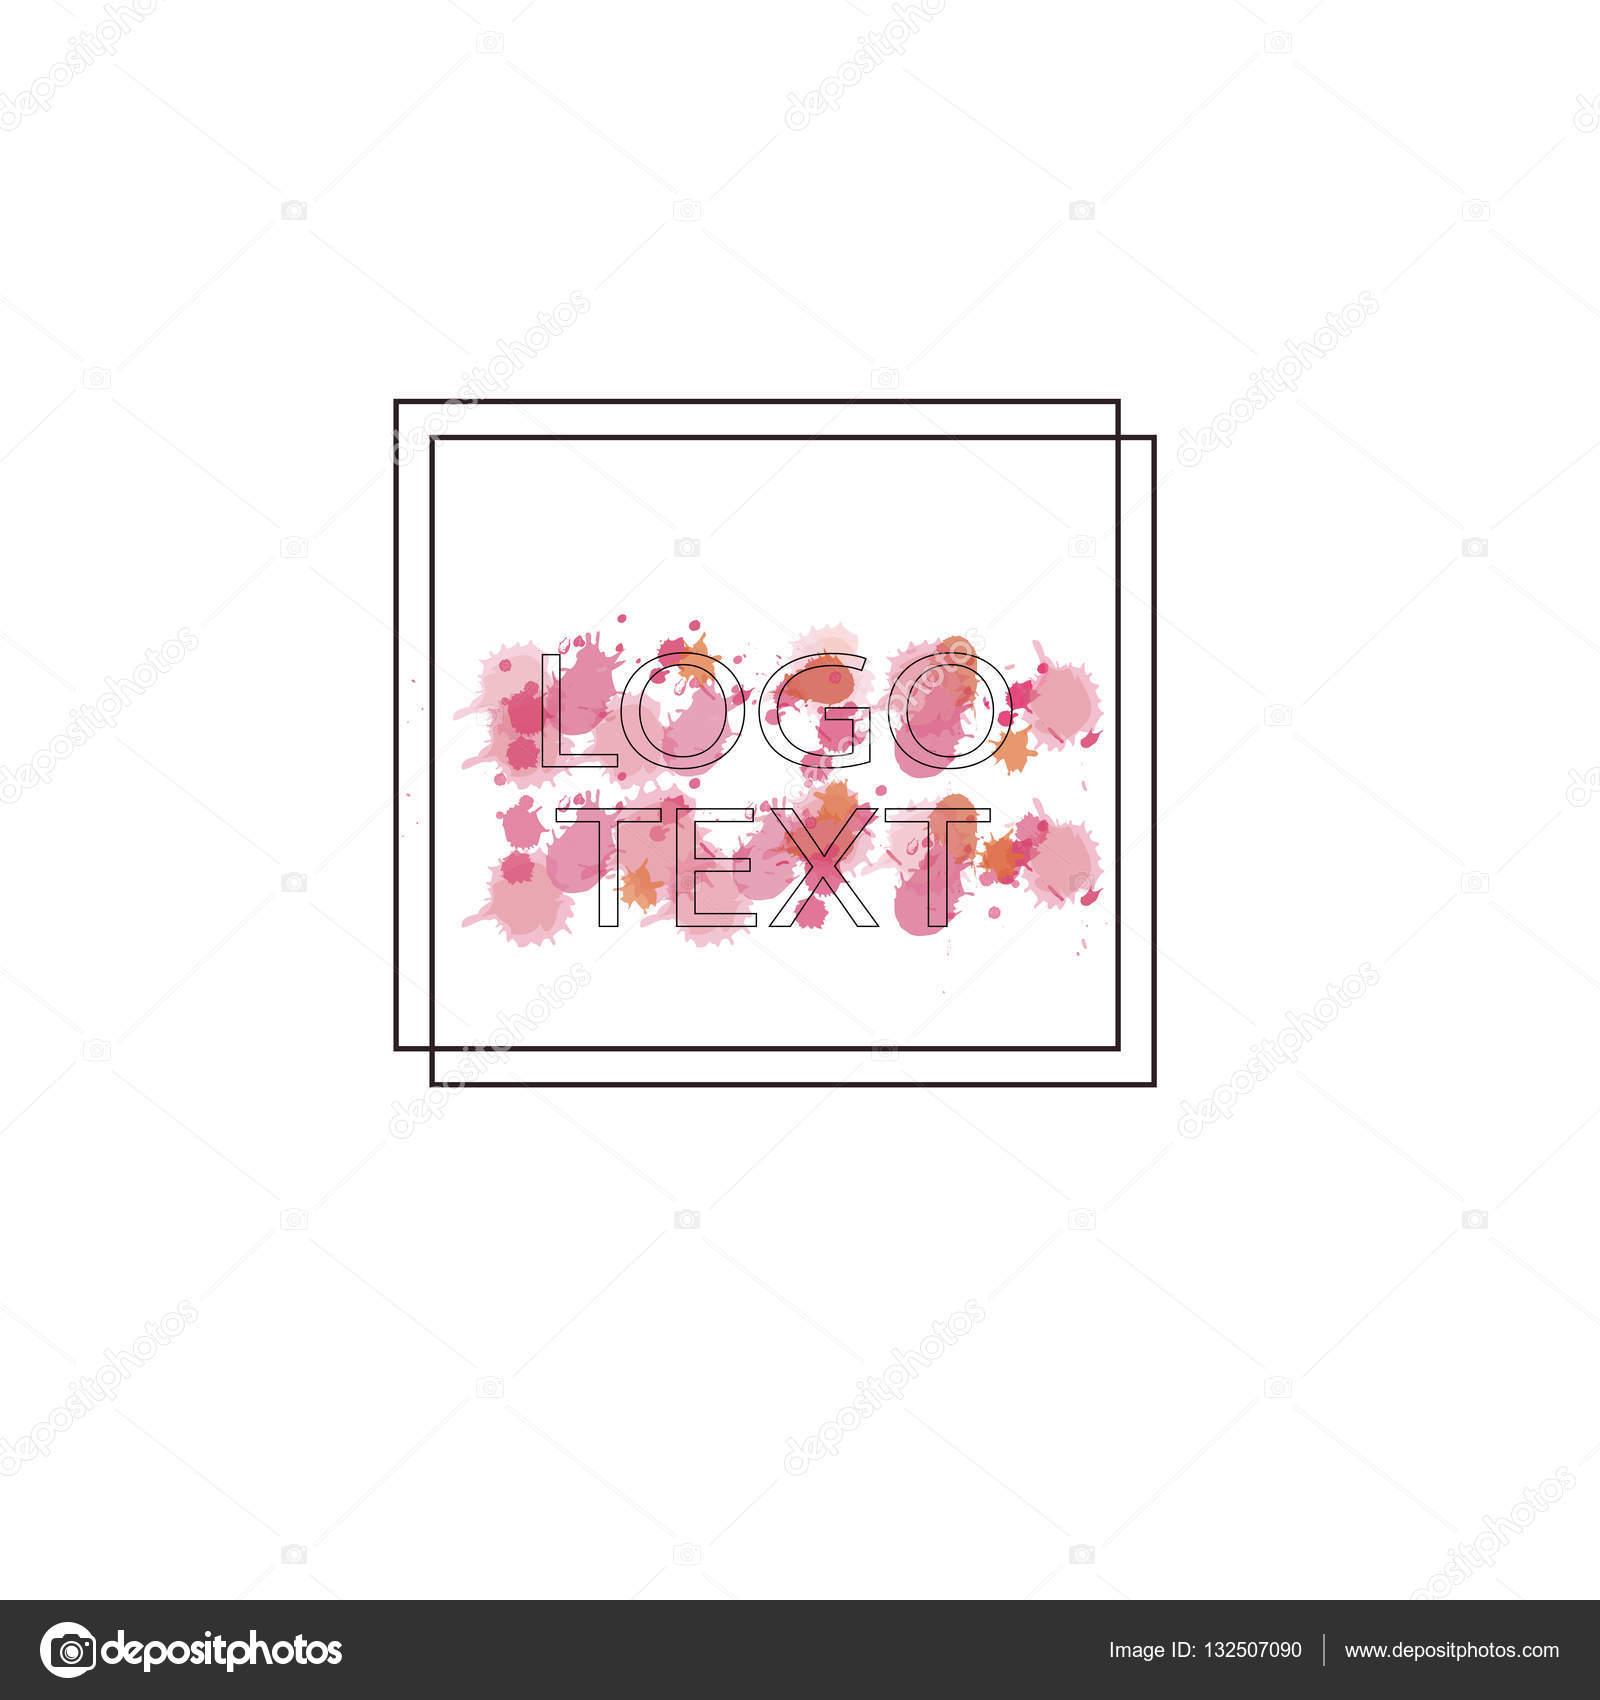 Marcos para el Logo con manchas de acuarela — Archivo Imágenes ...